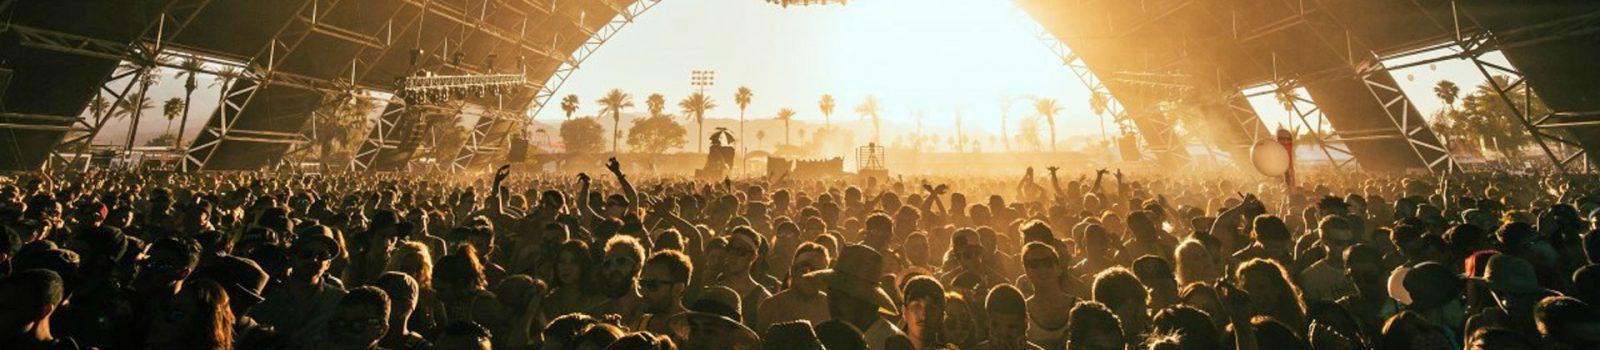 Festival feestbeest